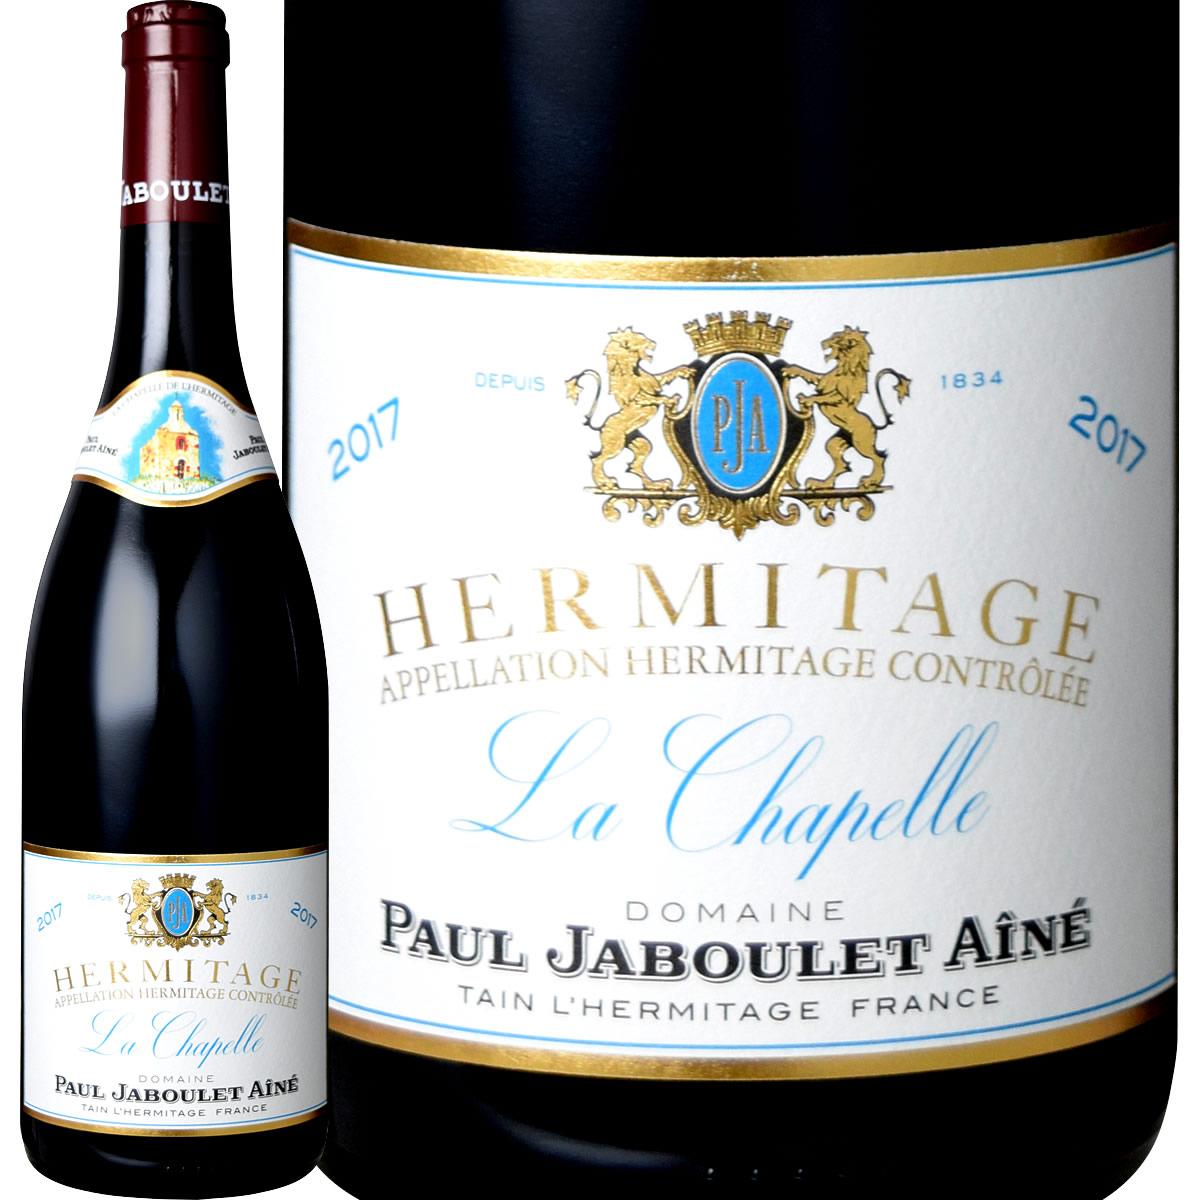 ポール・ジャブレ・エネ・エルミタージュ・ラ・シャペル・ルージュ 2017【赤ワイン】【750ml】【フルボディ】【辛口】【Paul Jaboulet Aine】